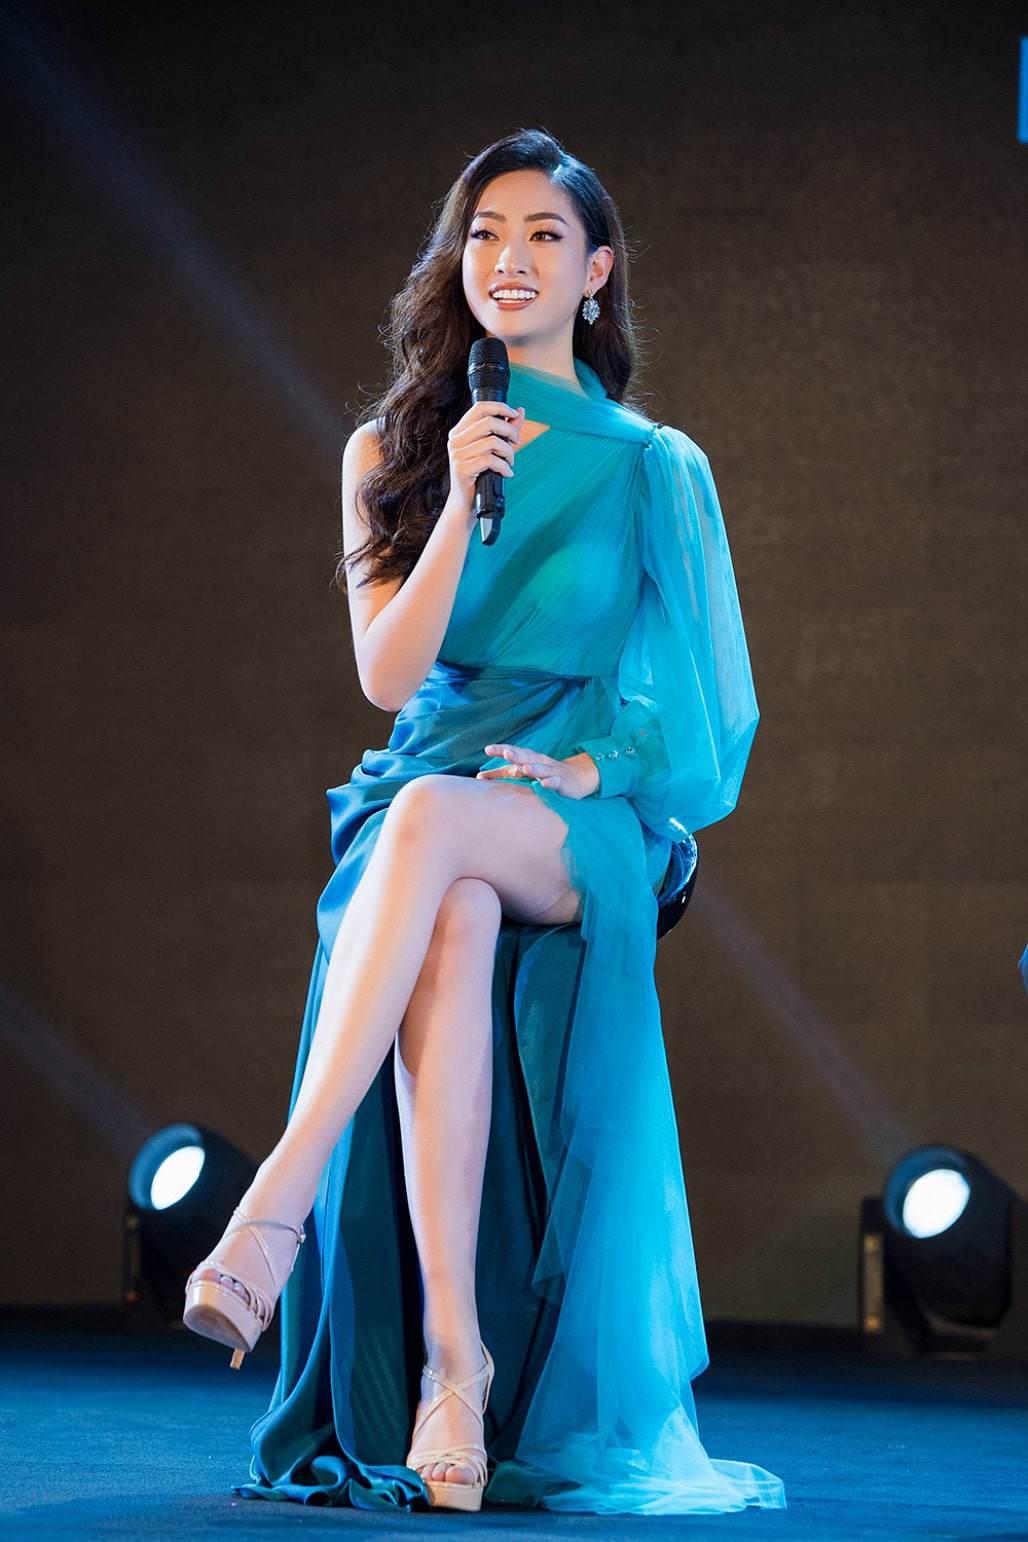 Xứng danh thế hệ vedette mới, Hoa hậu Lương Thùy Linh khuấy đảo sàn runway - Hình 1